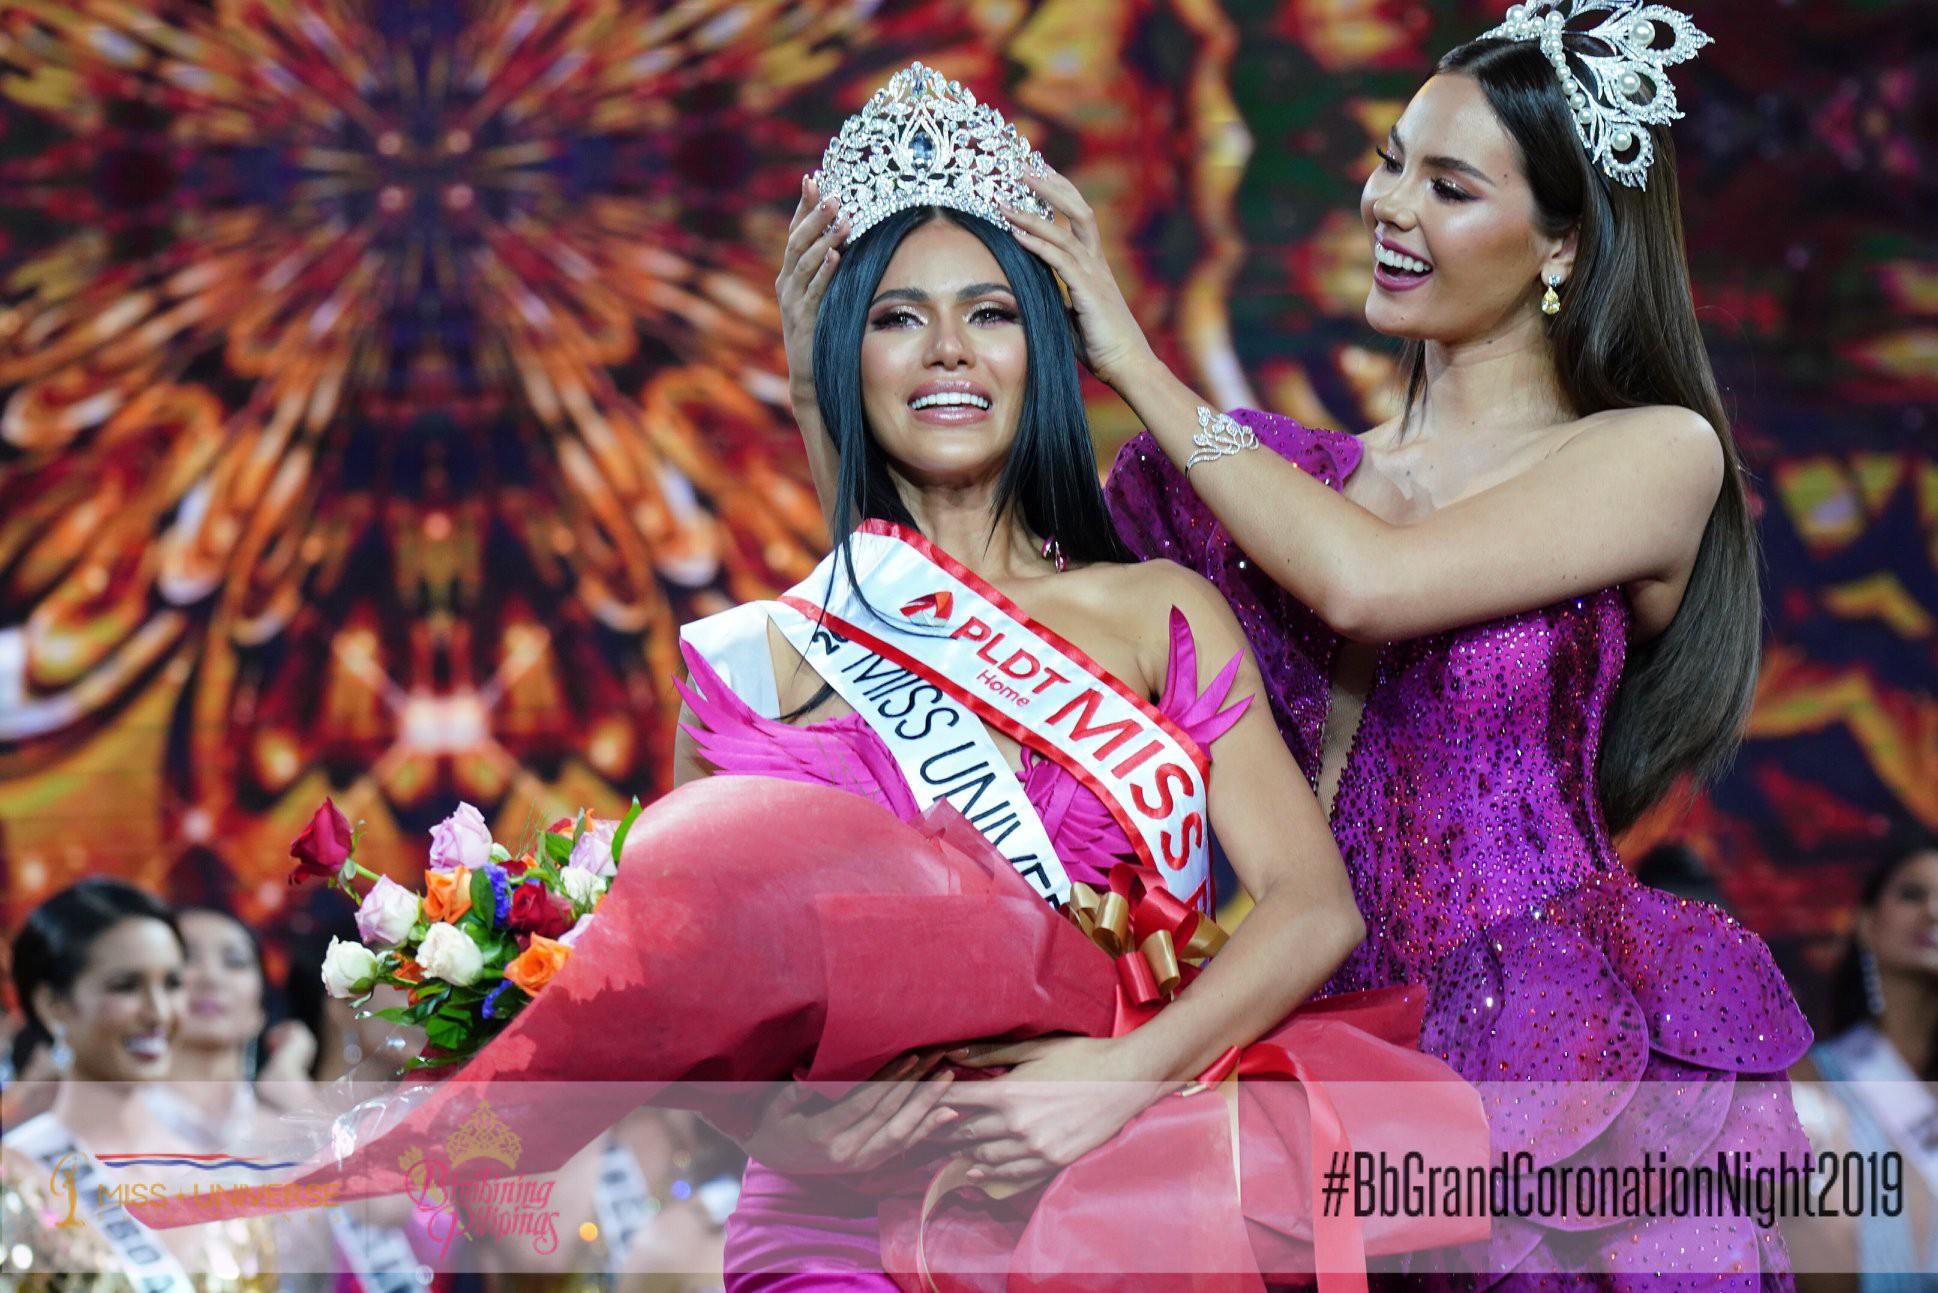 Gà chiến Philippines sở hữu vẻ đẹp pha trộn giữa 2 Á hậu Hoàn vũ  - Ảnh 1.